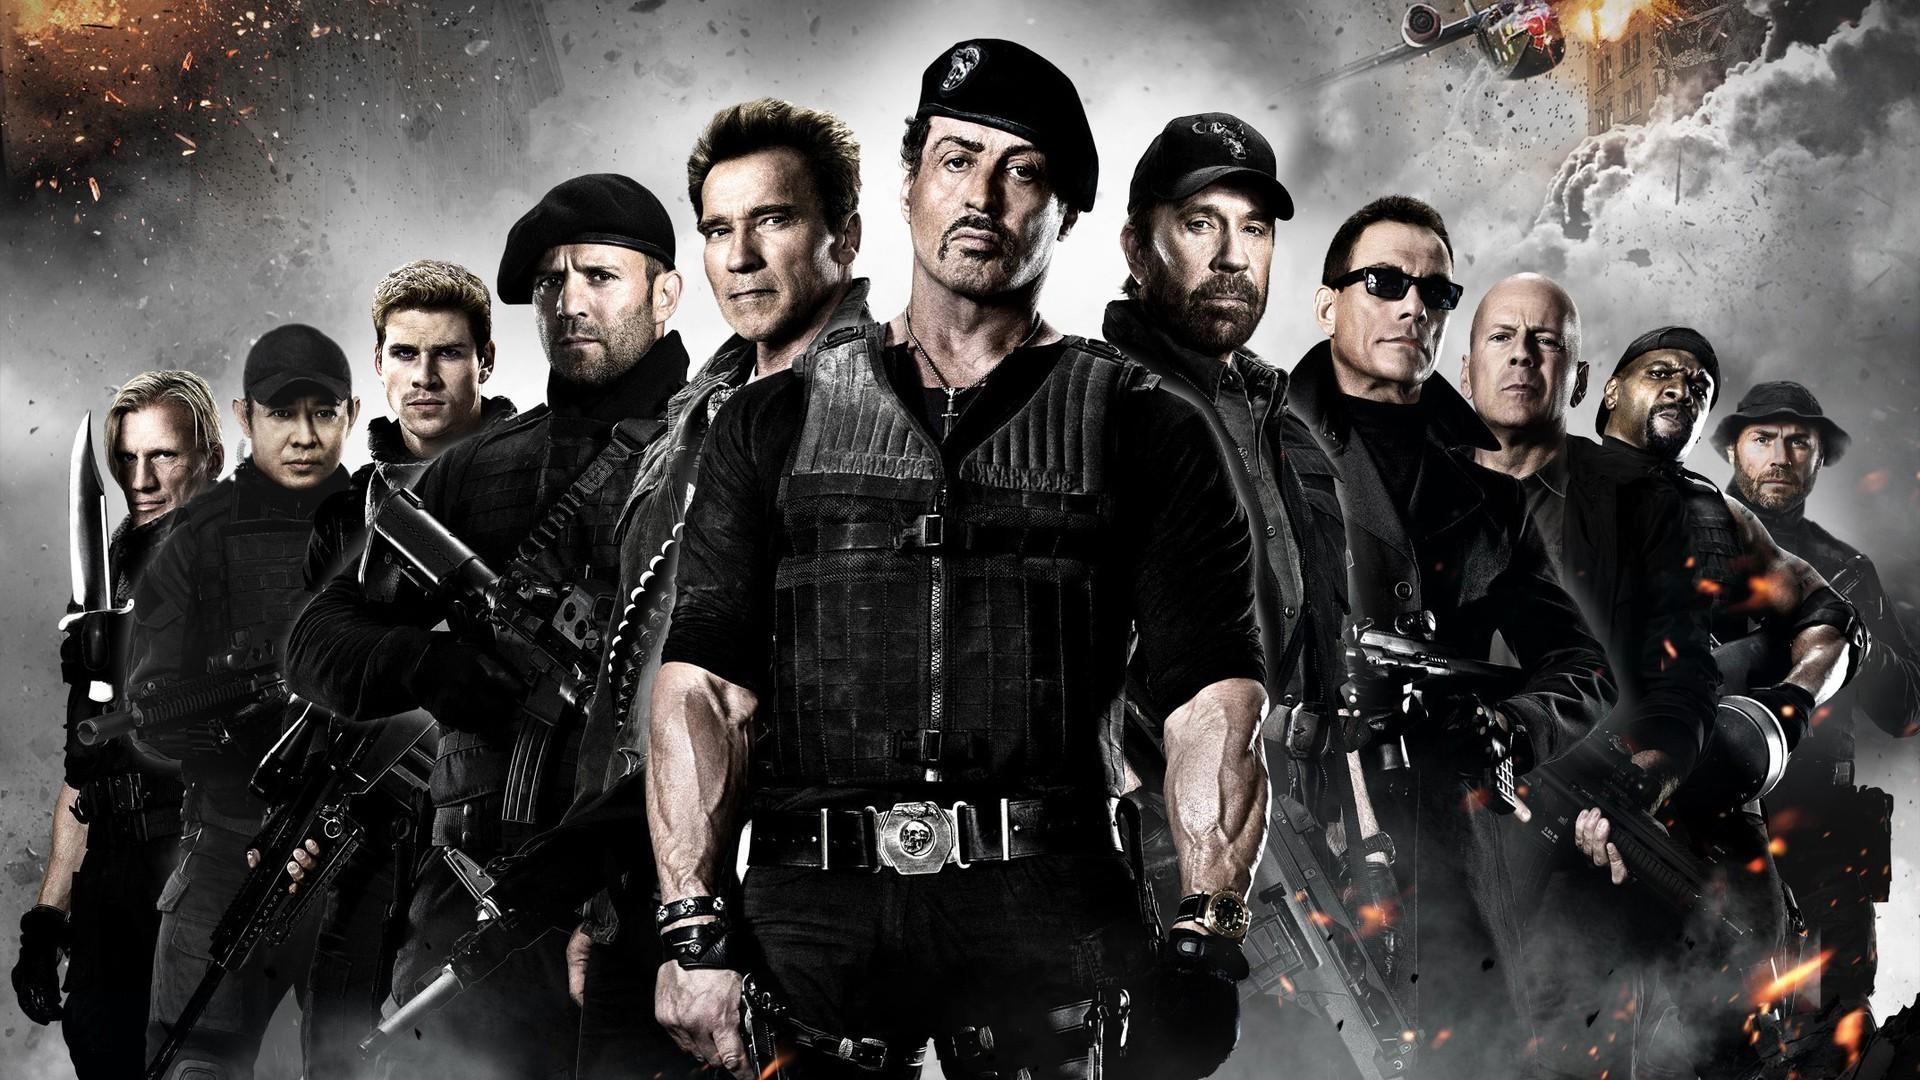 Film Schwarzenegger Stallone